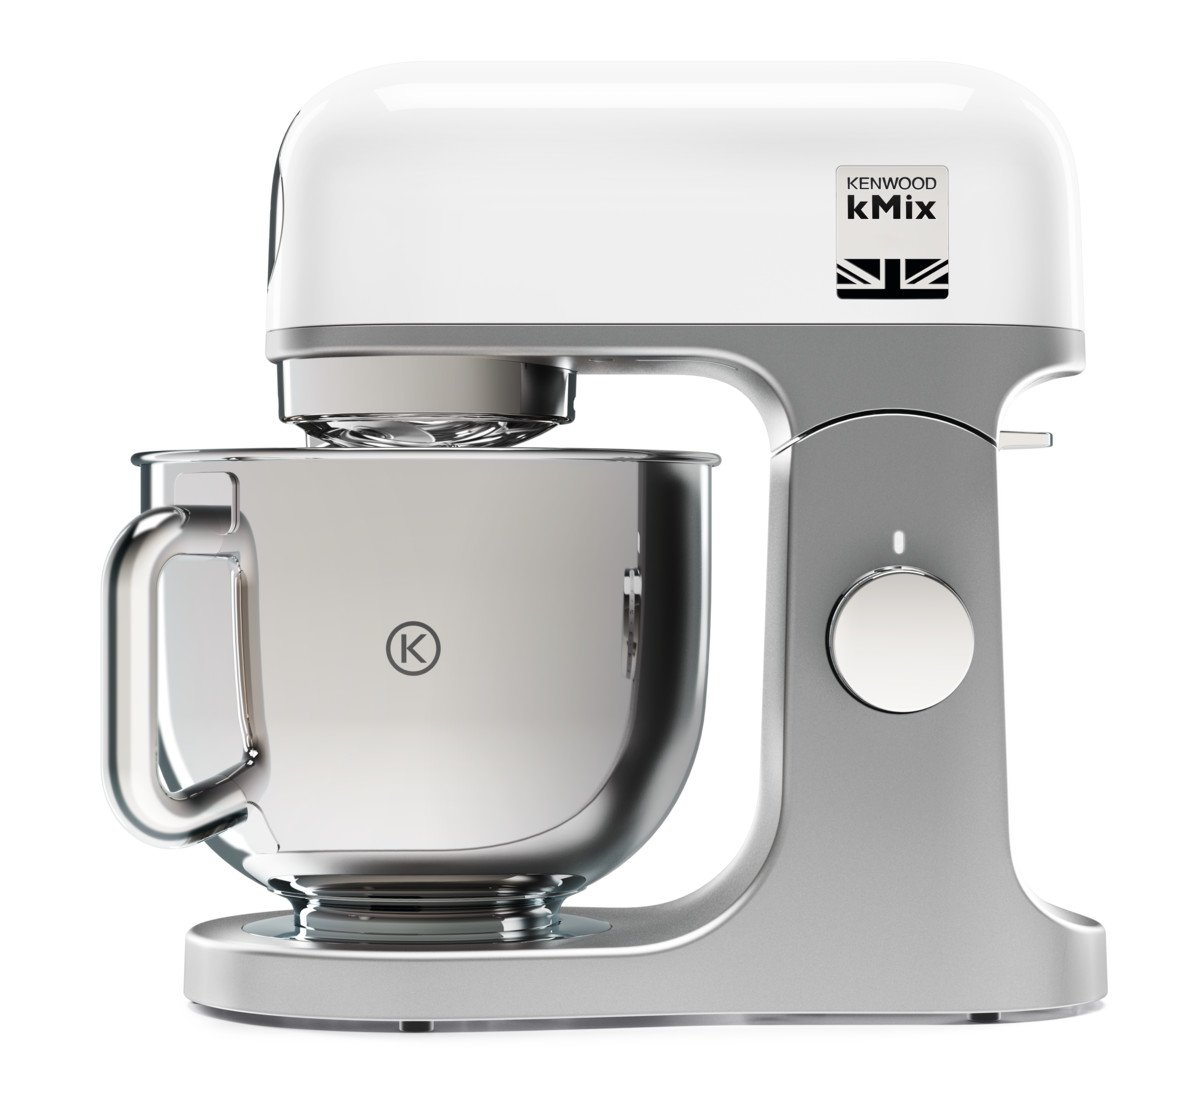 Robot de cocina Kenwood kMix KMX750WH